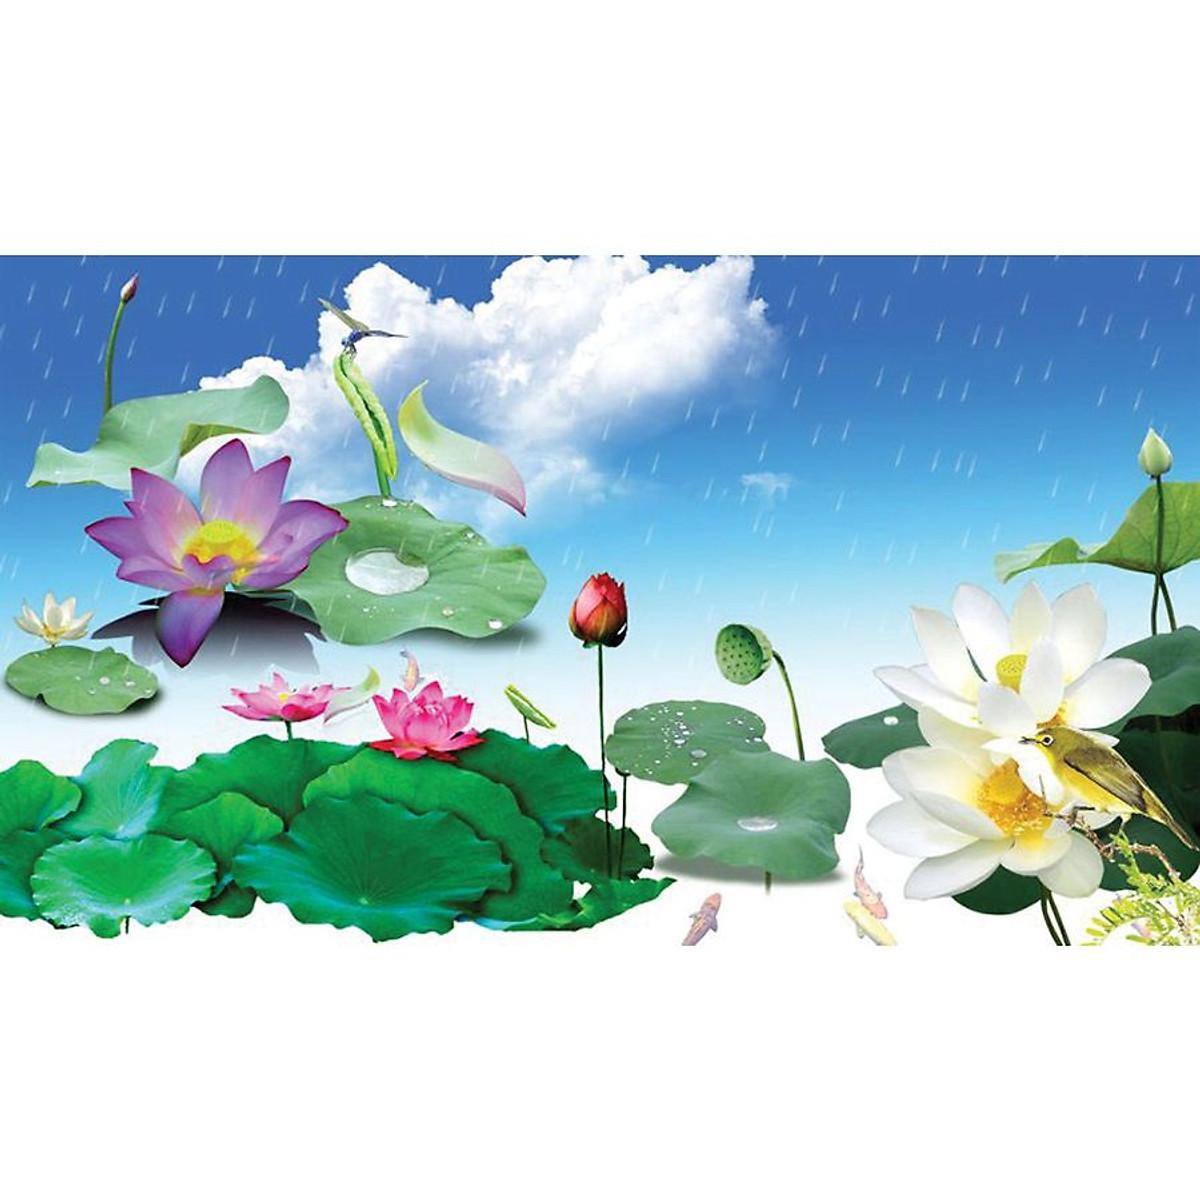 Tranh 3D dán tường | Tranh trang trí nhà cửa | 3D_3DPQ_052 - 1